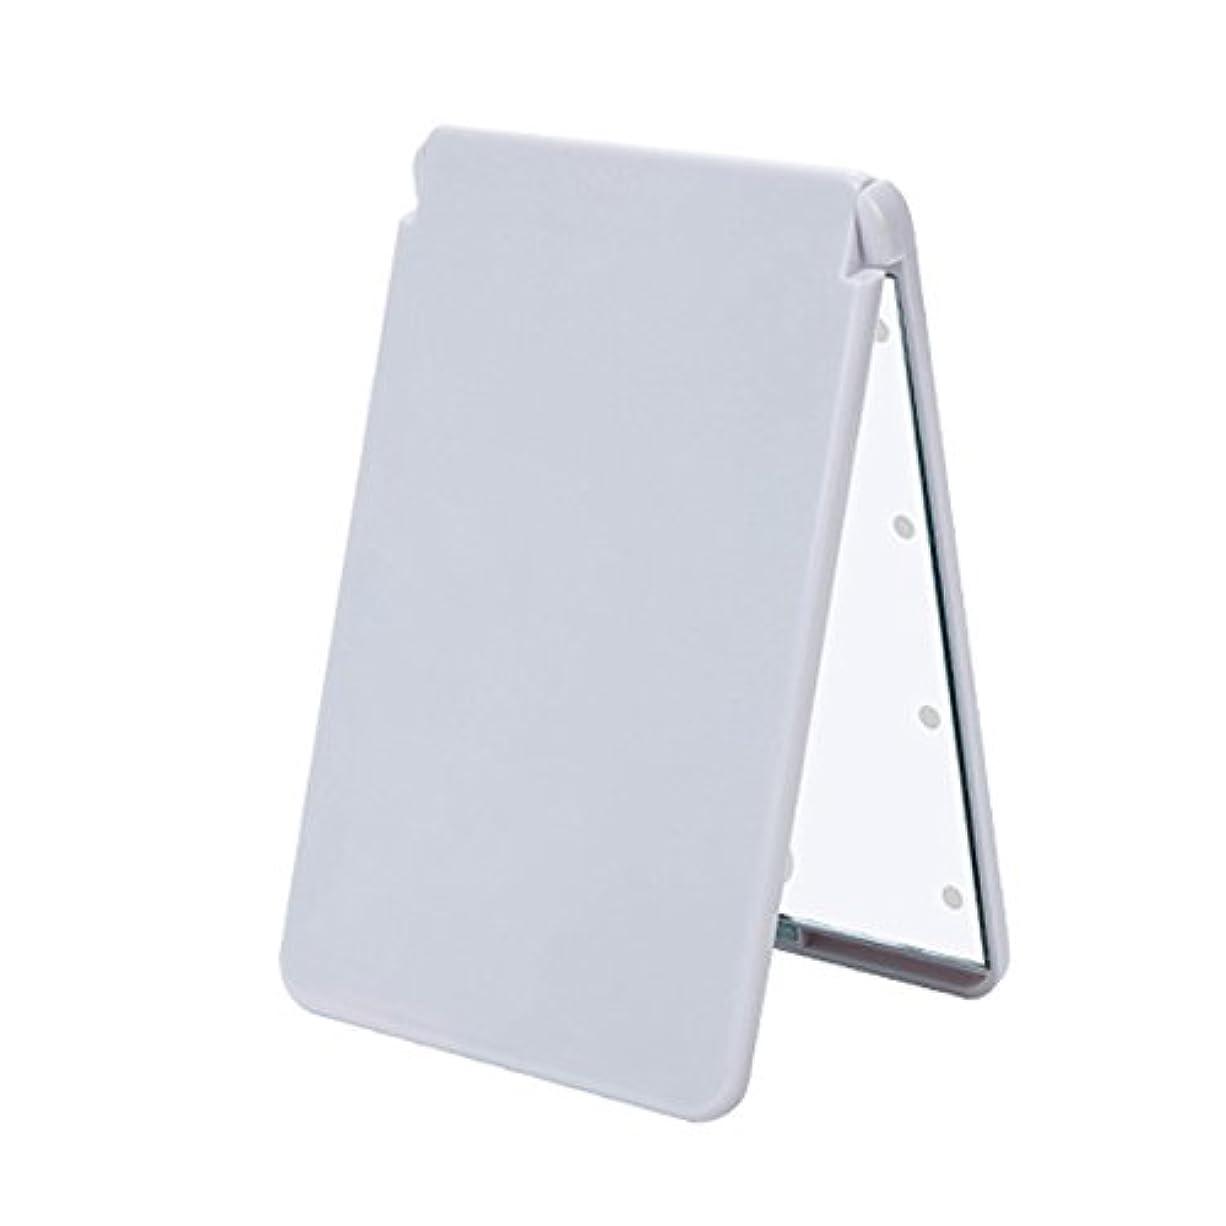 重要性敬意を表する郵便屋さんledメイクミラー 8 LED ライト 電池式 化粧鏡 折りたたみ コンパクトミラー 軽量 携帯便利 2倍拡大鏡付 二面鏡 ホワイト